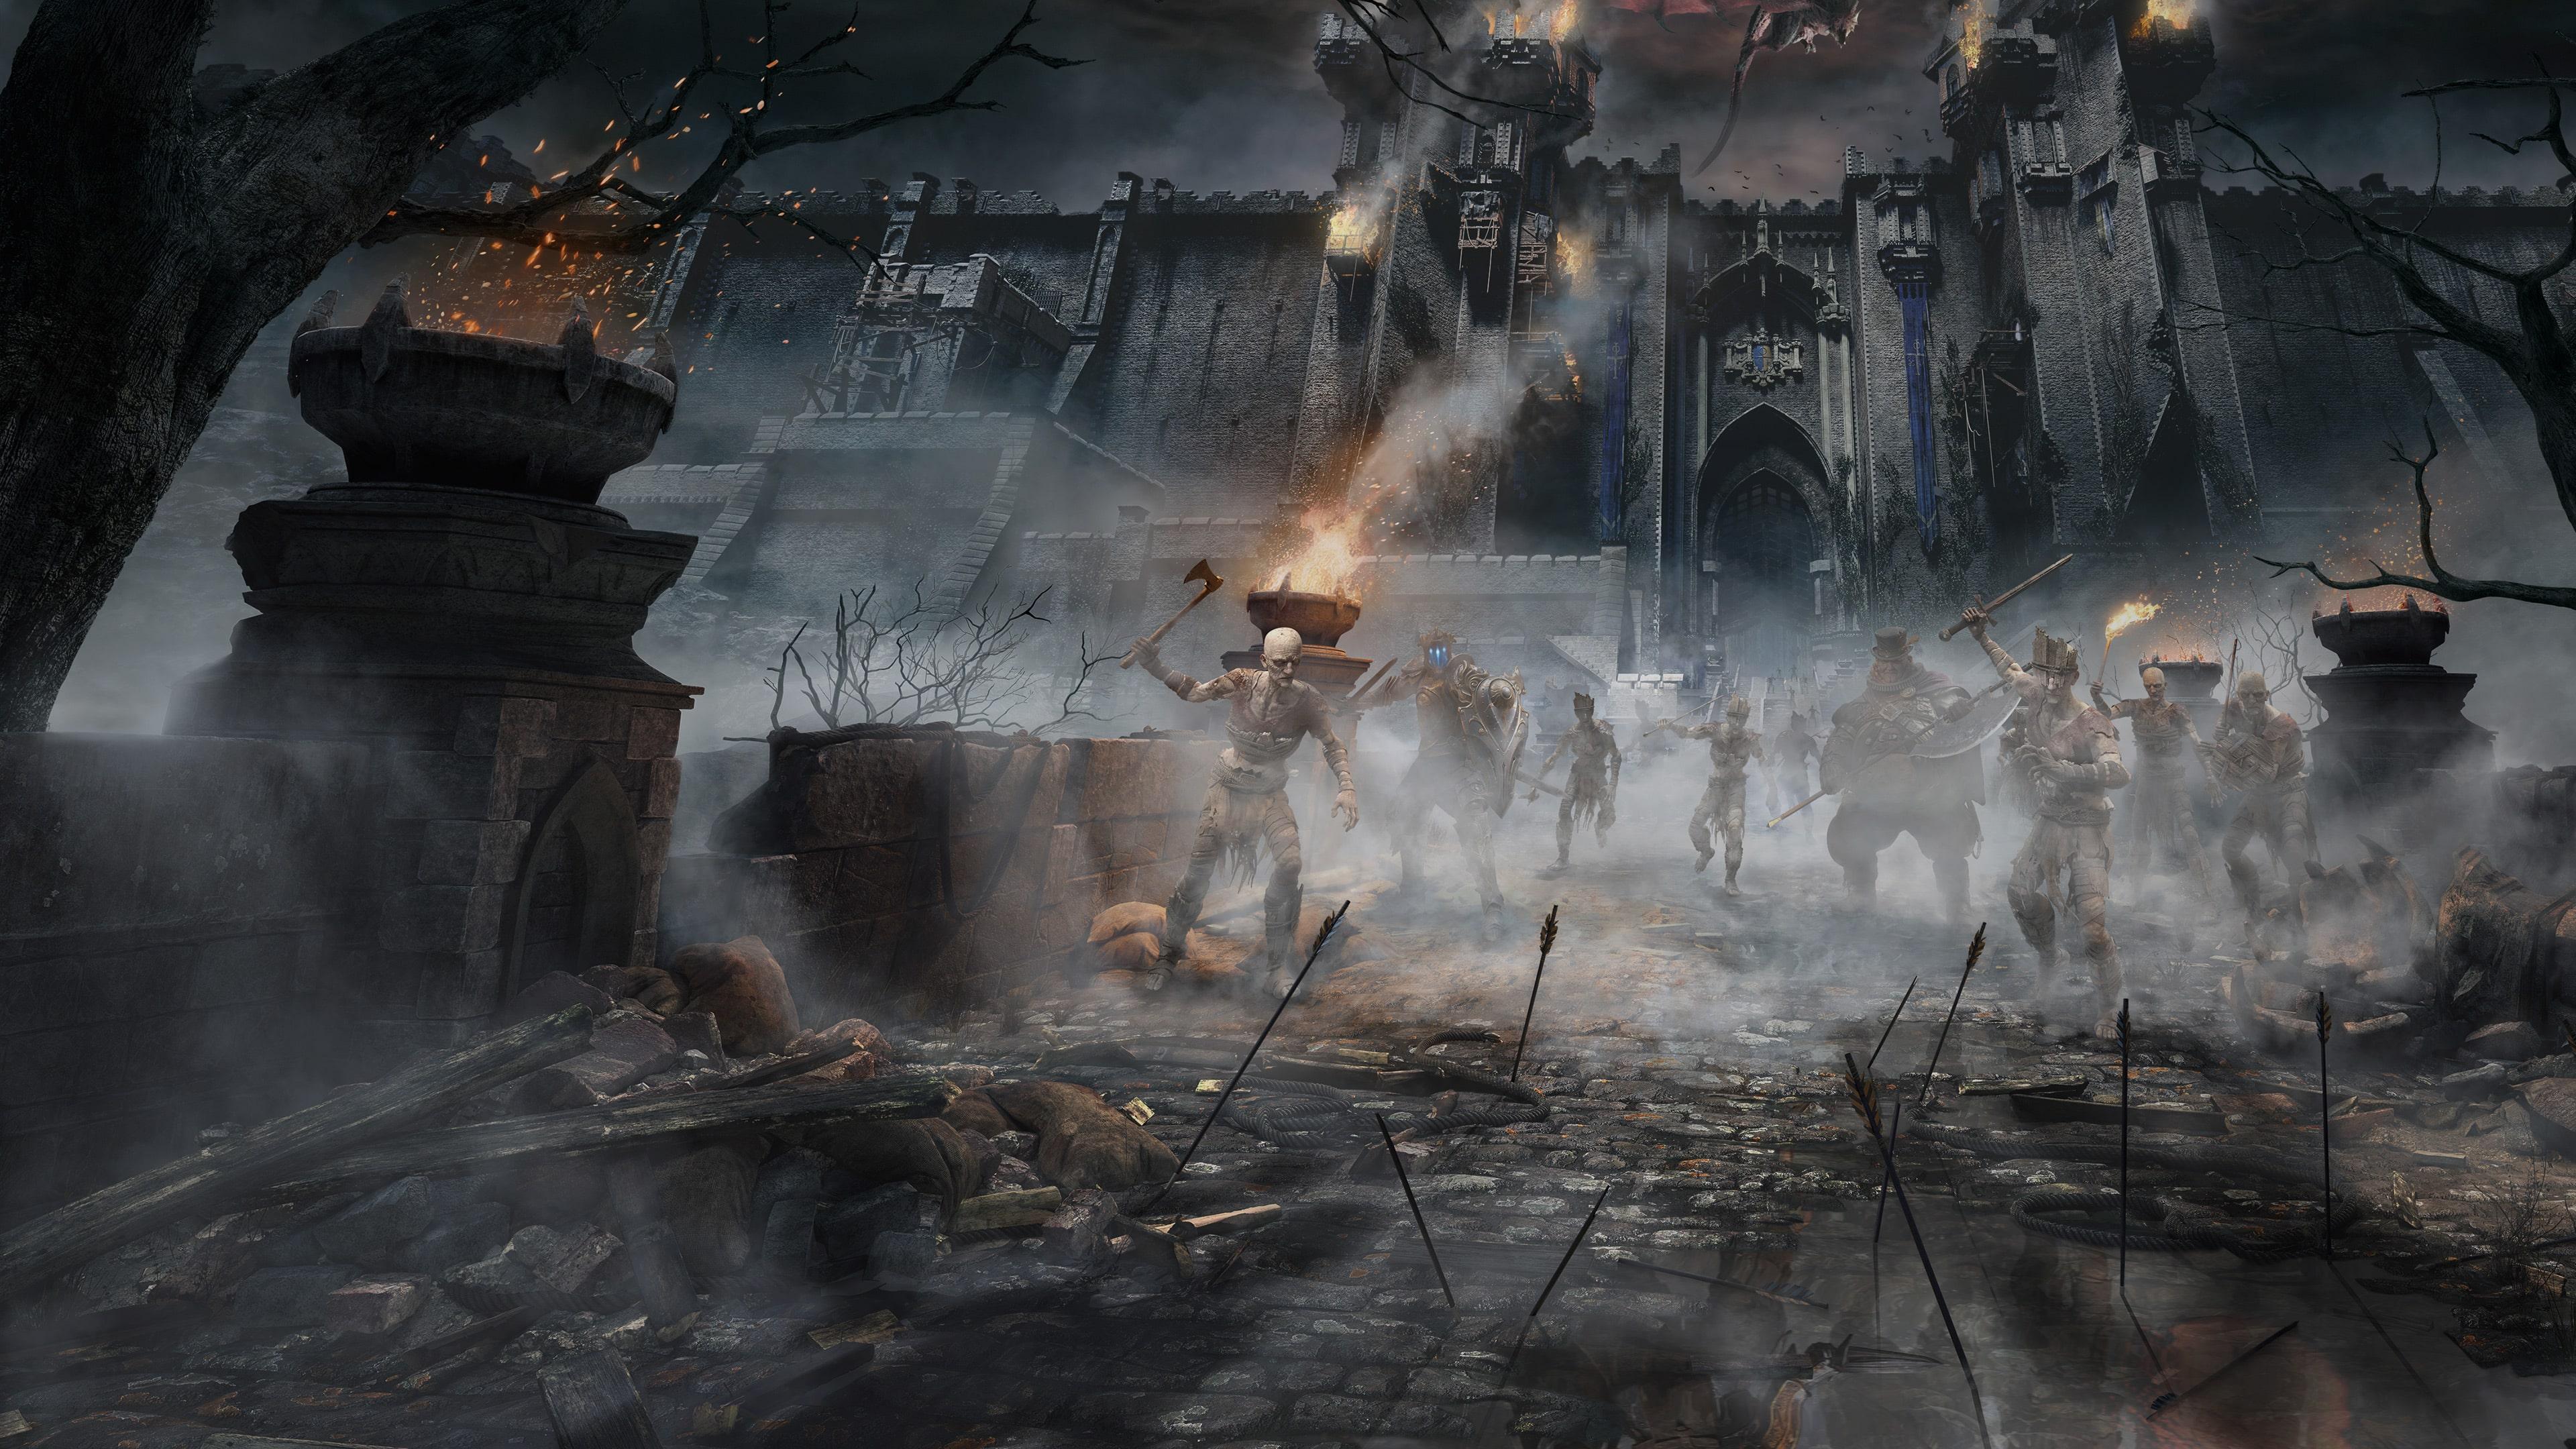 [HERO] Demons Souls - BG